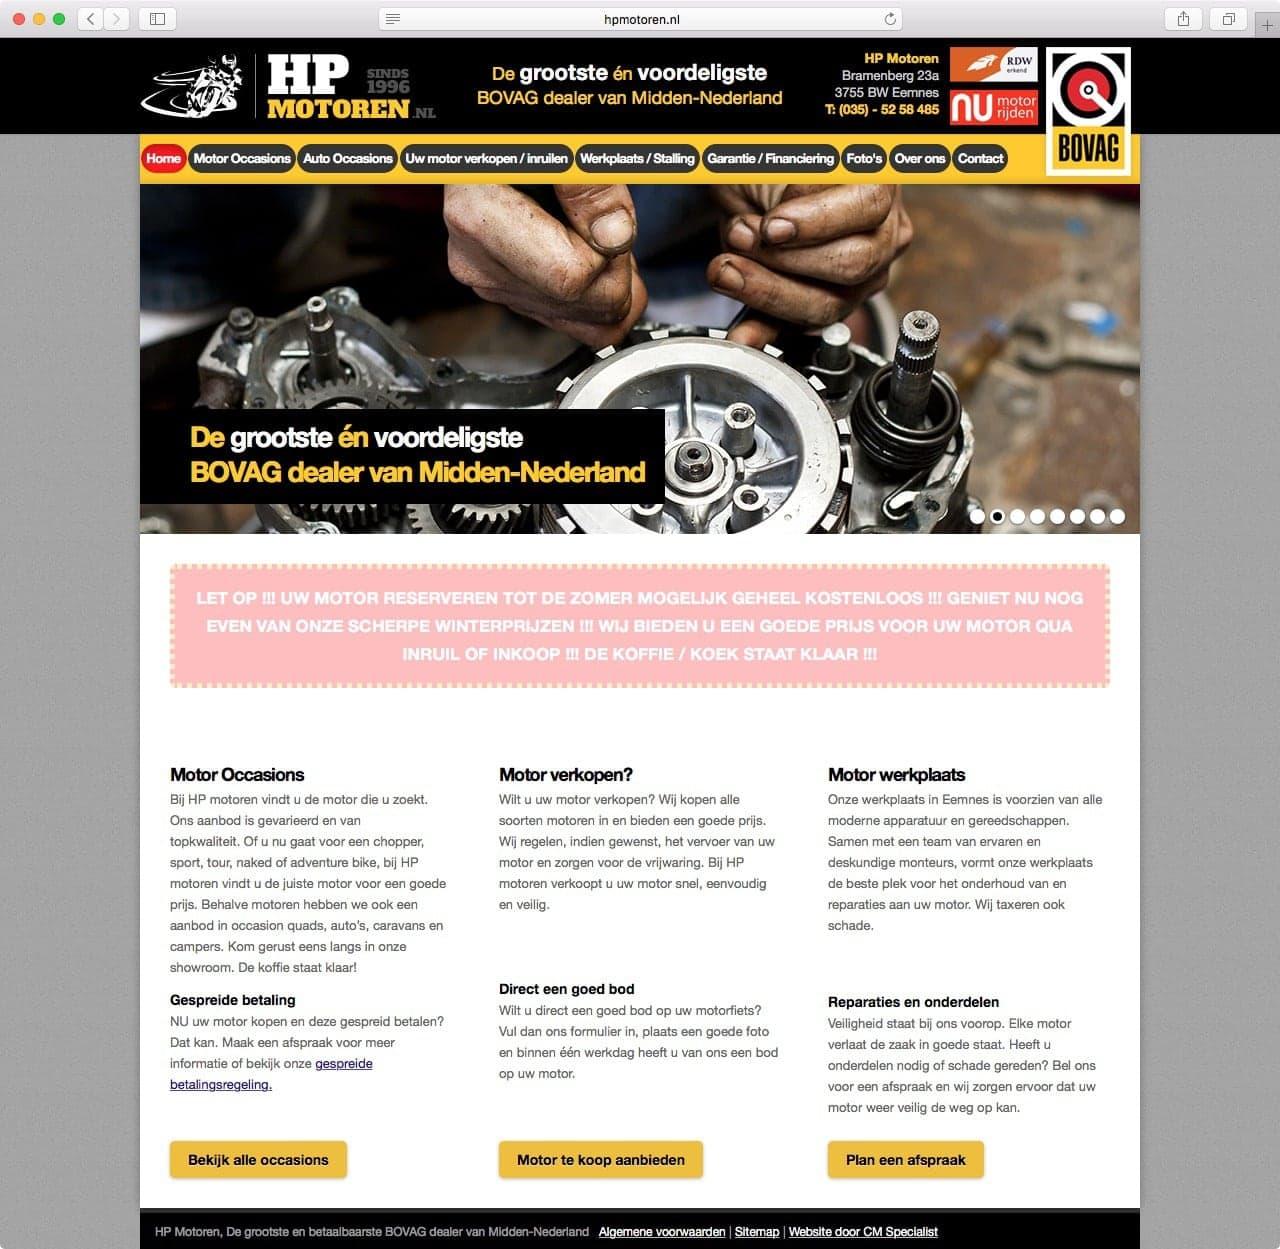 HP Motoren